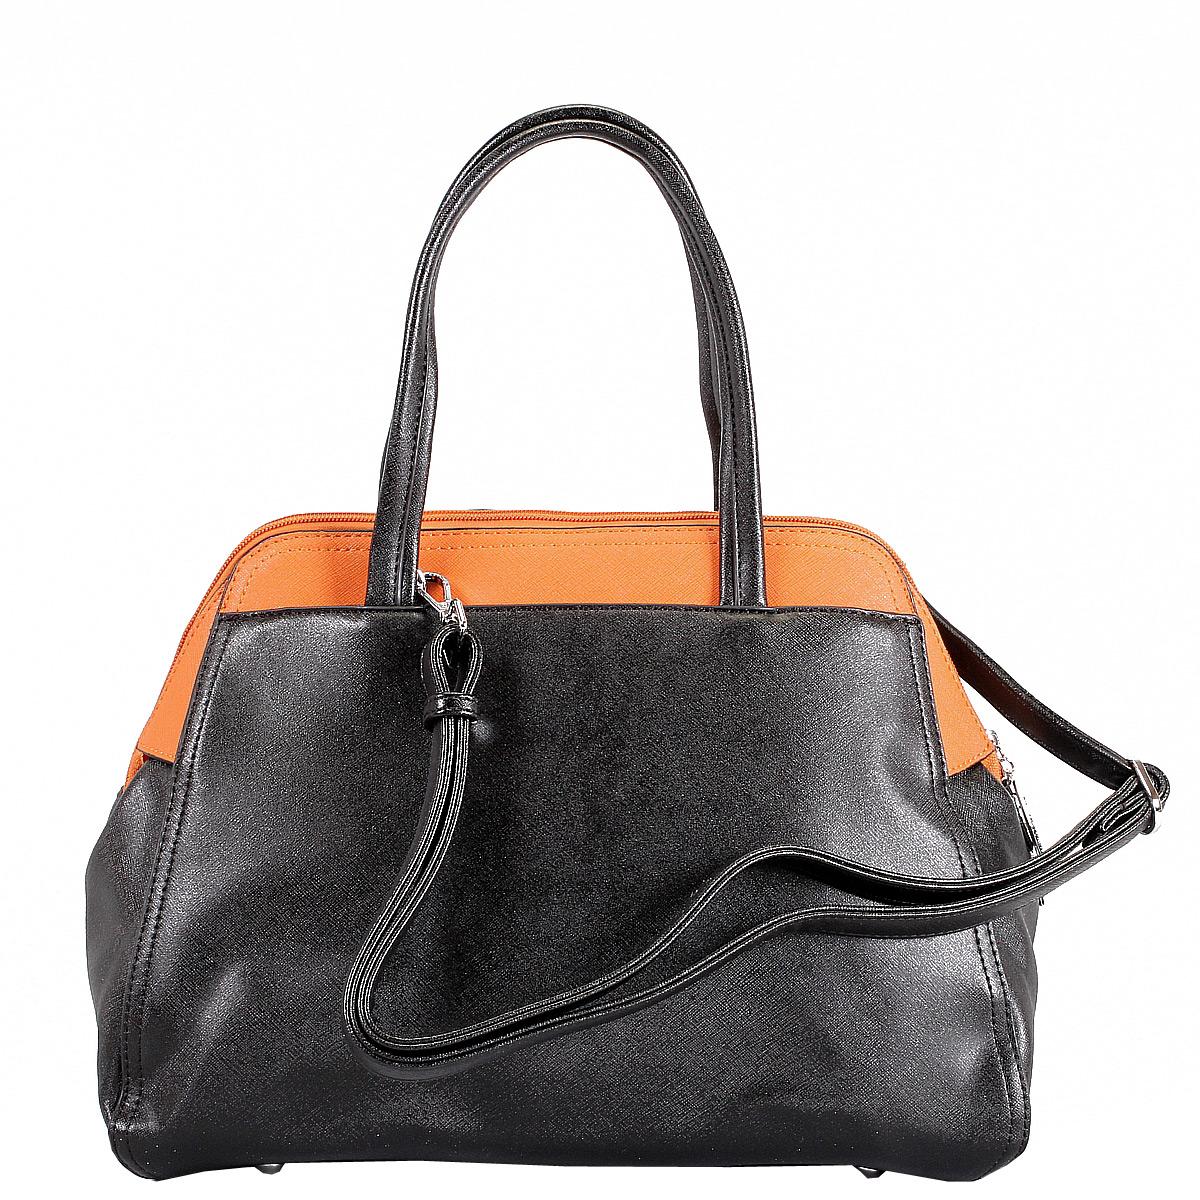 Сумка женская Leighton, цвет: черный, оранжевый. 62050-3769/1/3769/17 ( 62050-3769/1/3769/17 черн )